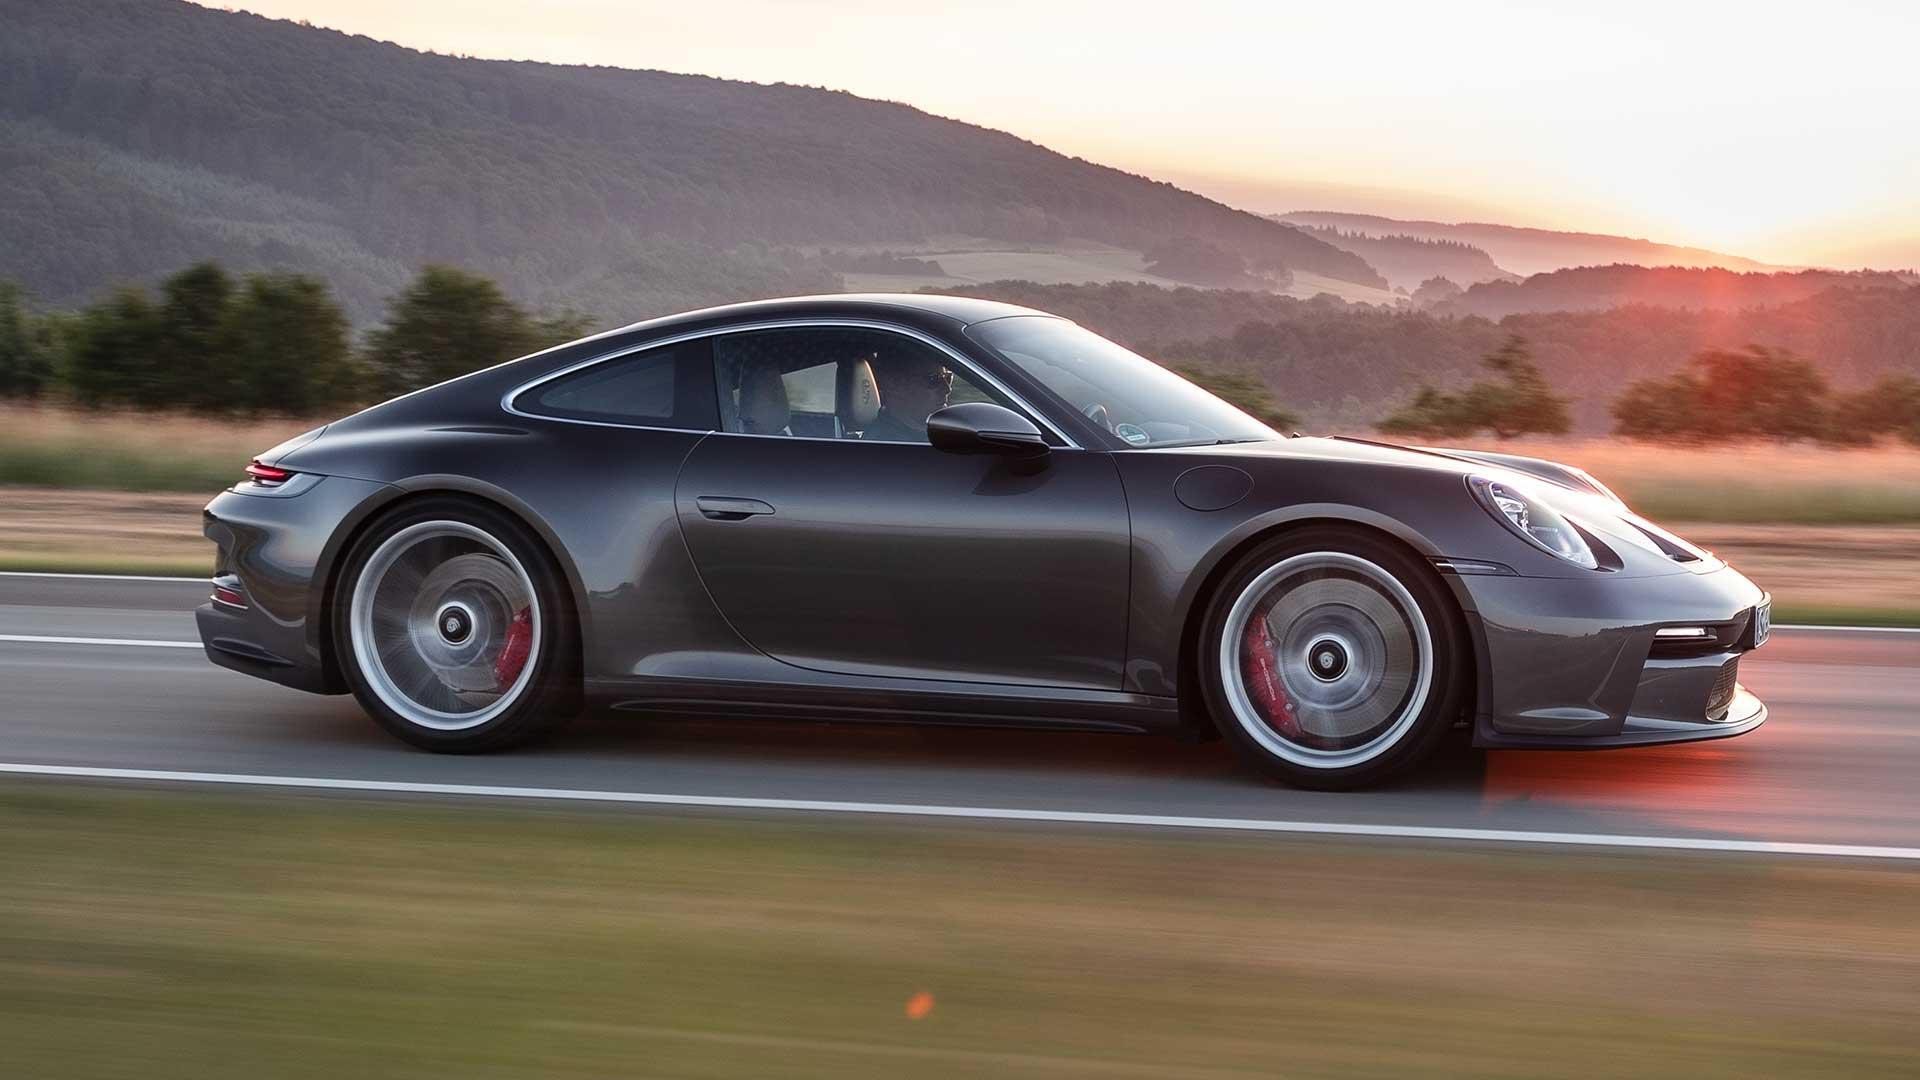 Porsche 911 GT3 met Touring Package bij zonsondergang